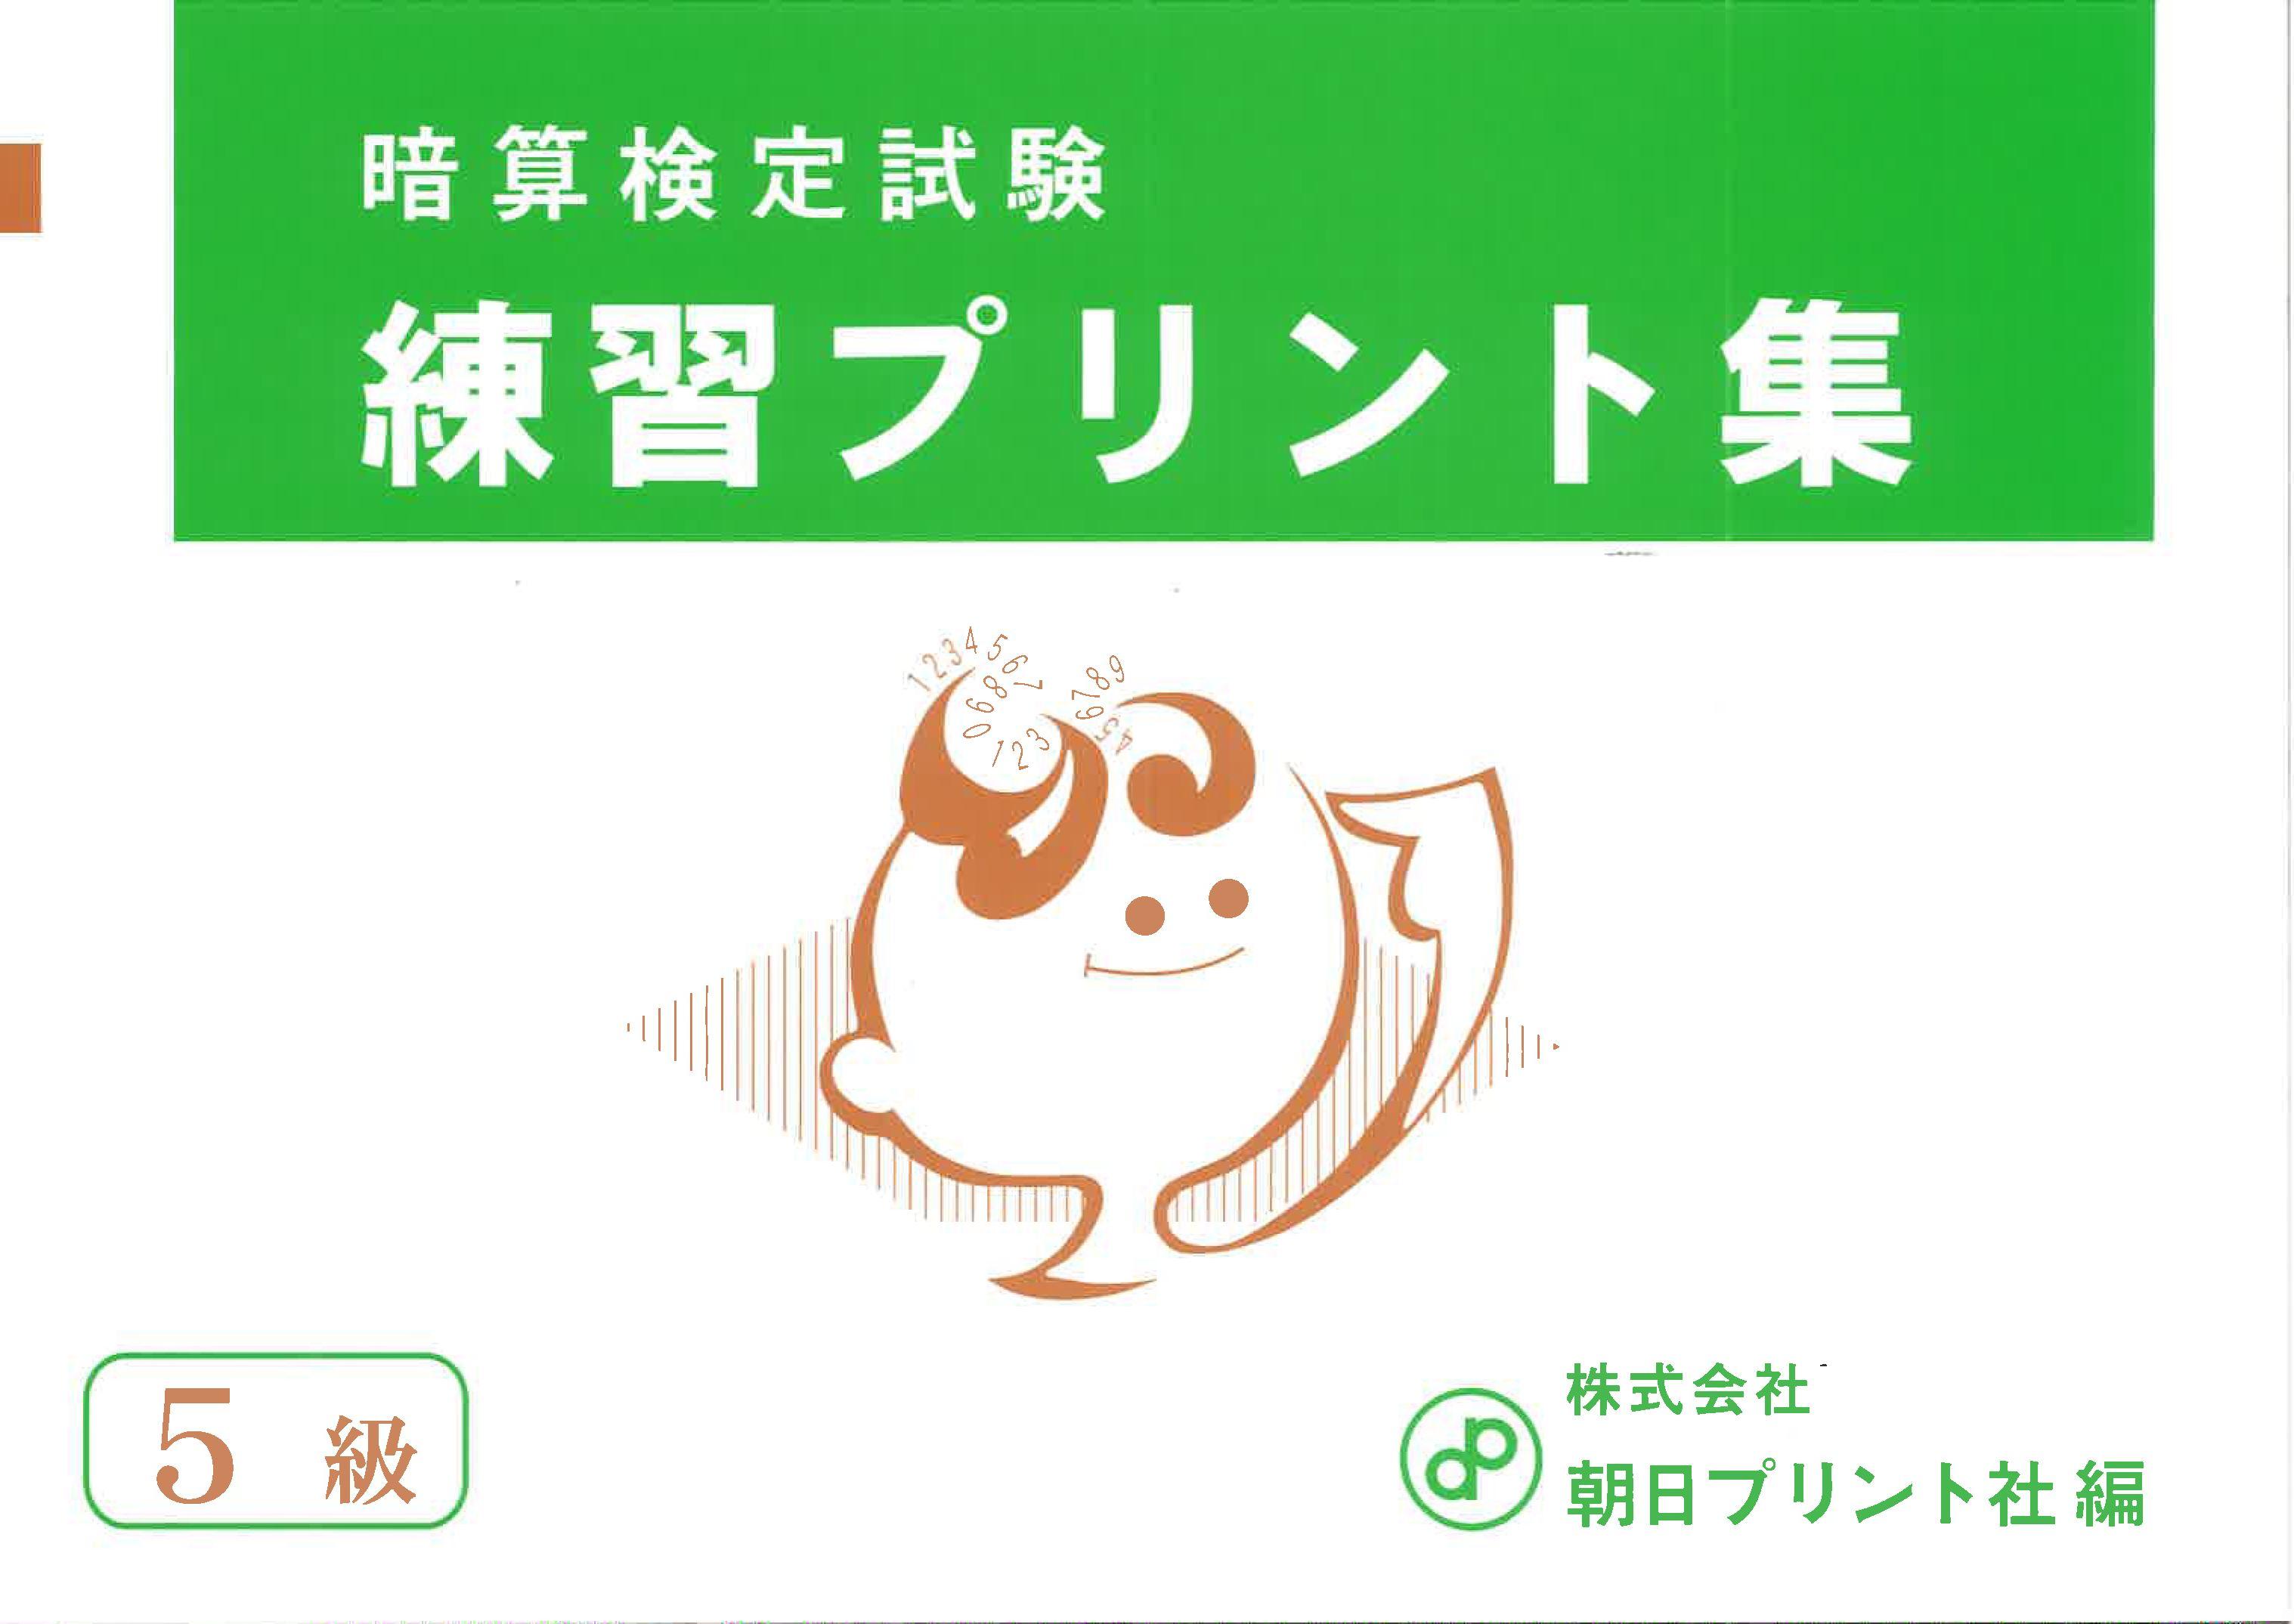 (旧) 日珠連 暗検プリント集 5級